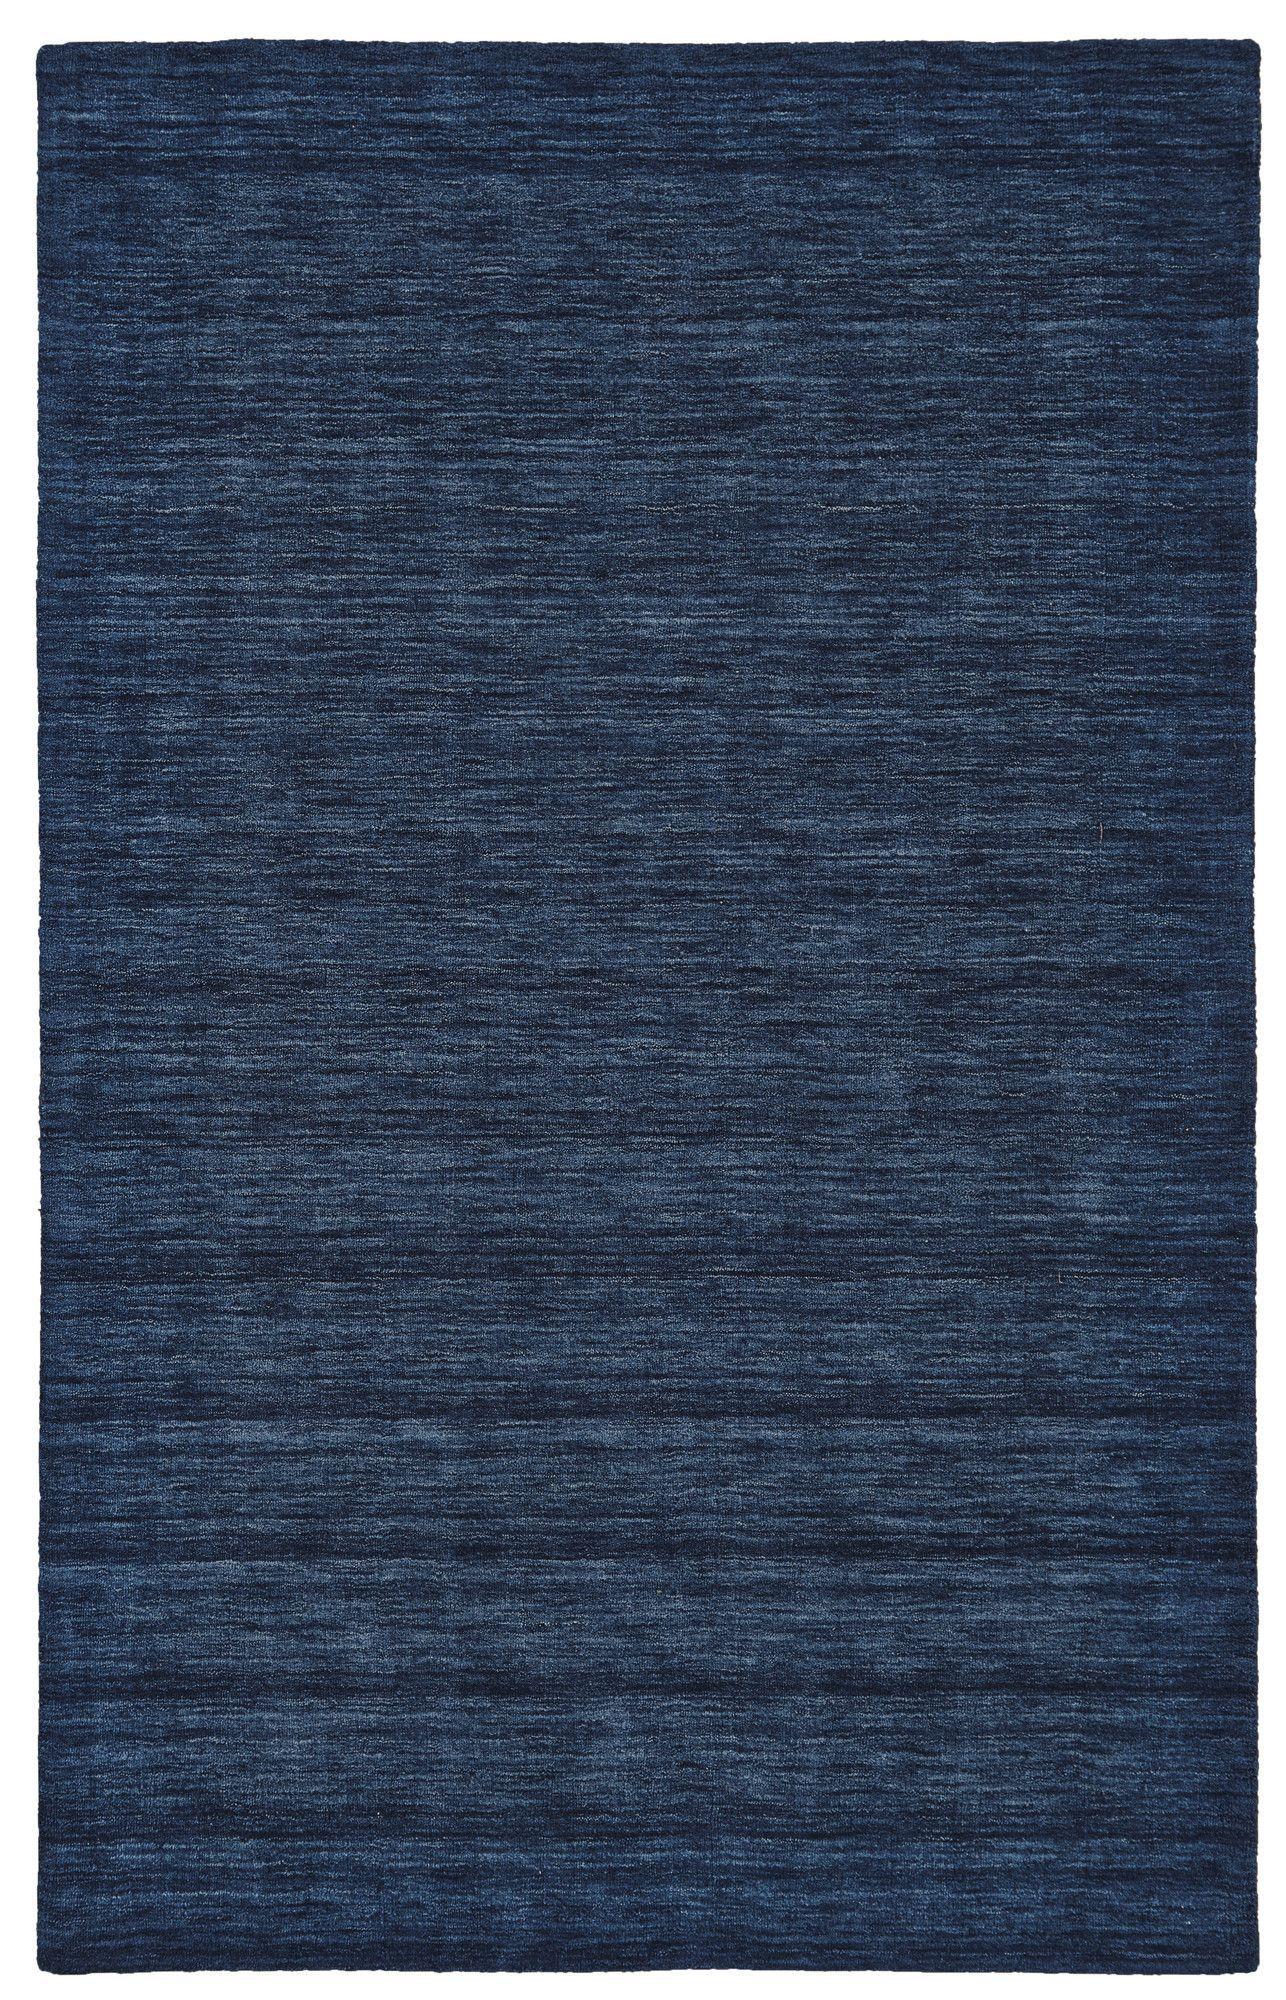 Alston Rug In Blue